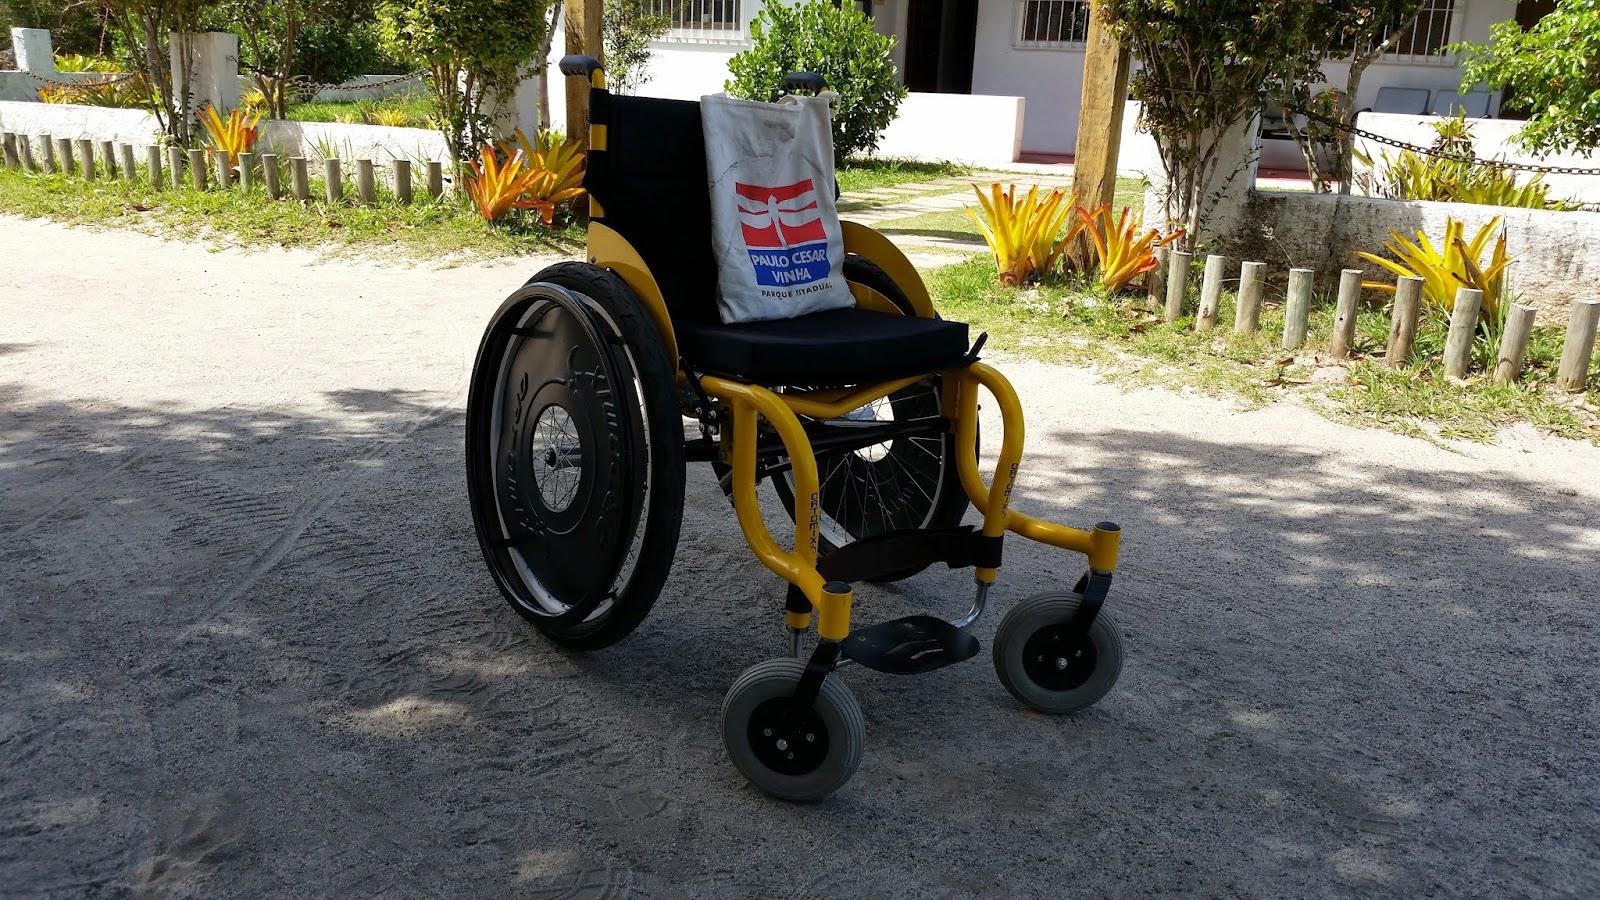 #AE811D Cadeira de rodas adaptada para terreno acidentado com amortecedor  1600x900 px projeto banheiro adaptado